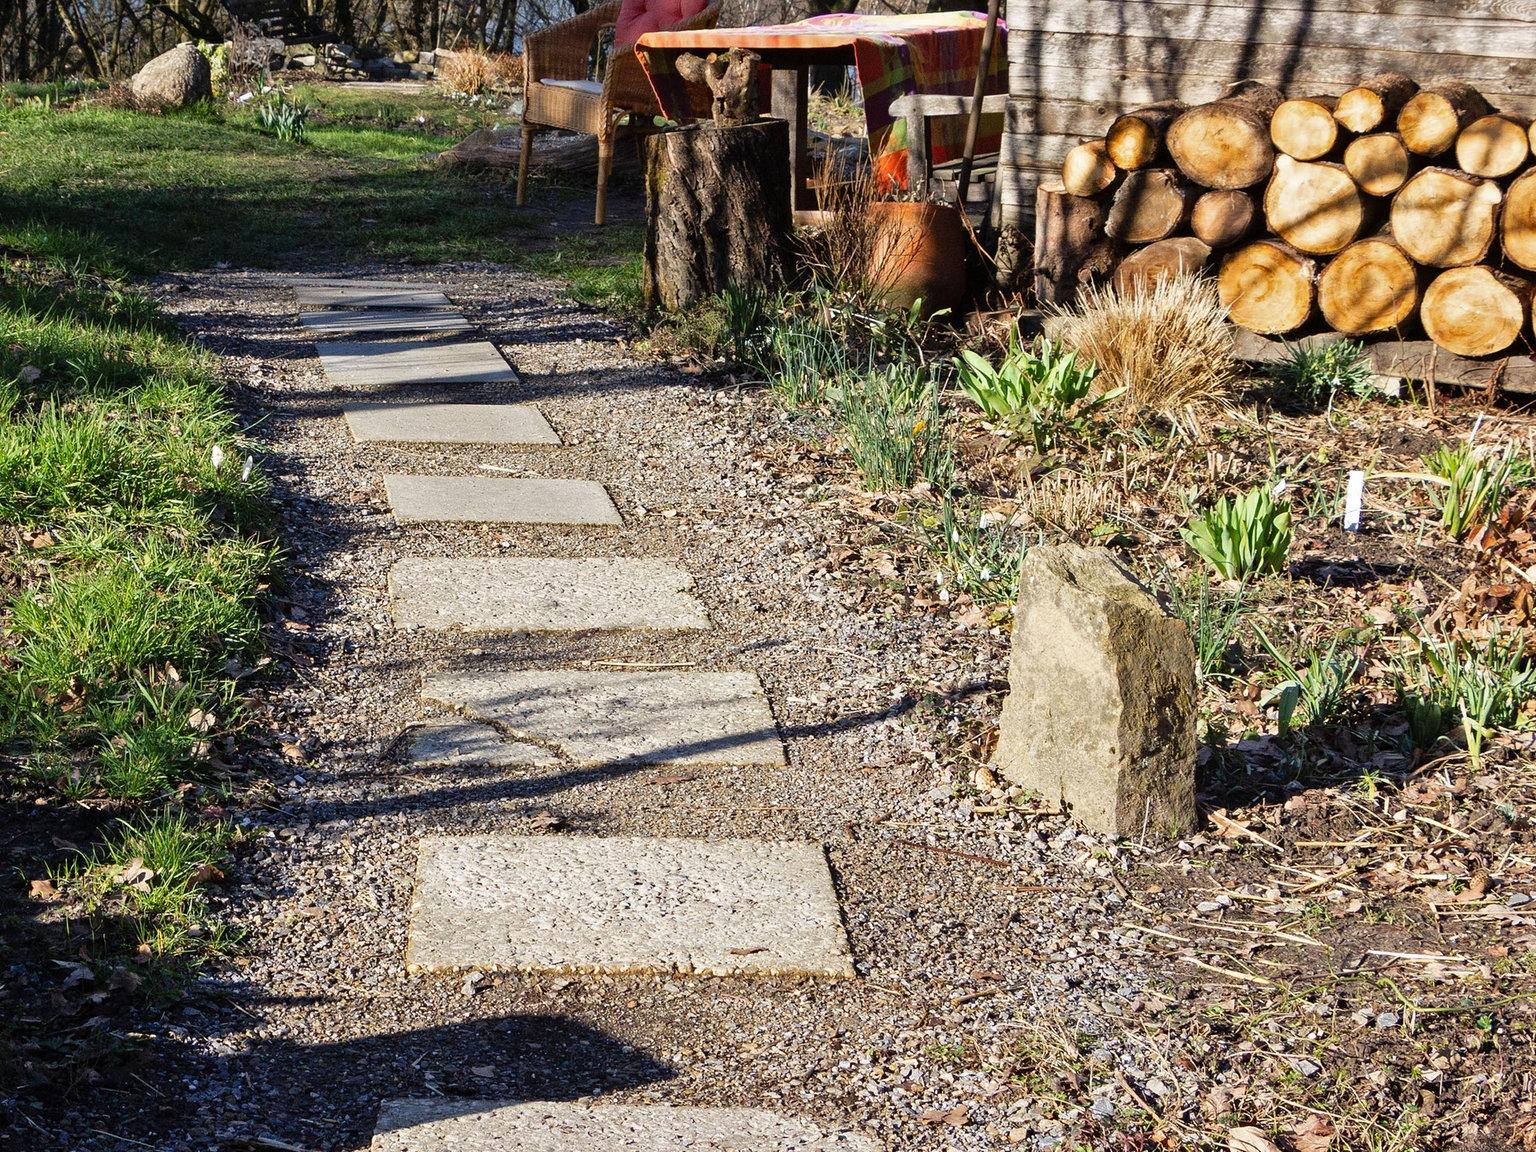 Wdr 4 Drinnen Und Draussen Wege Planen Im Garten Wohnen Verbraucher Wdr